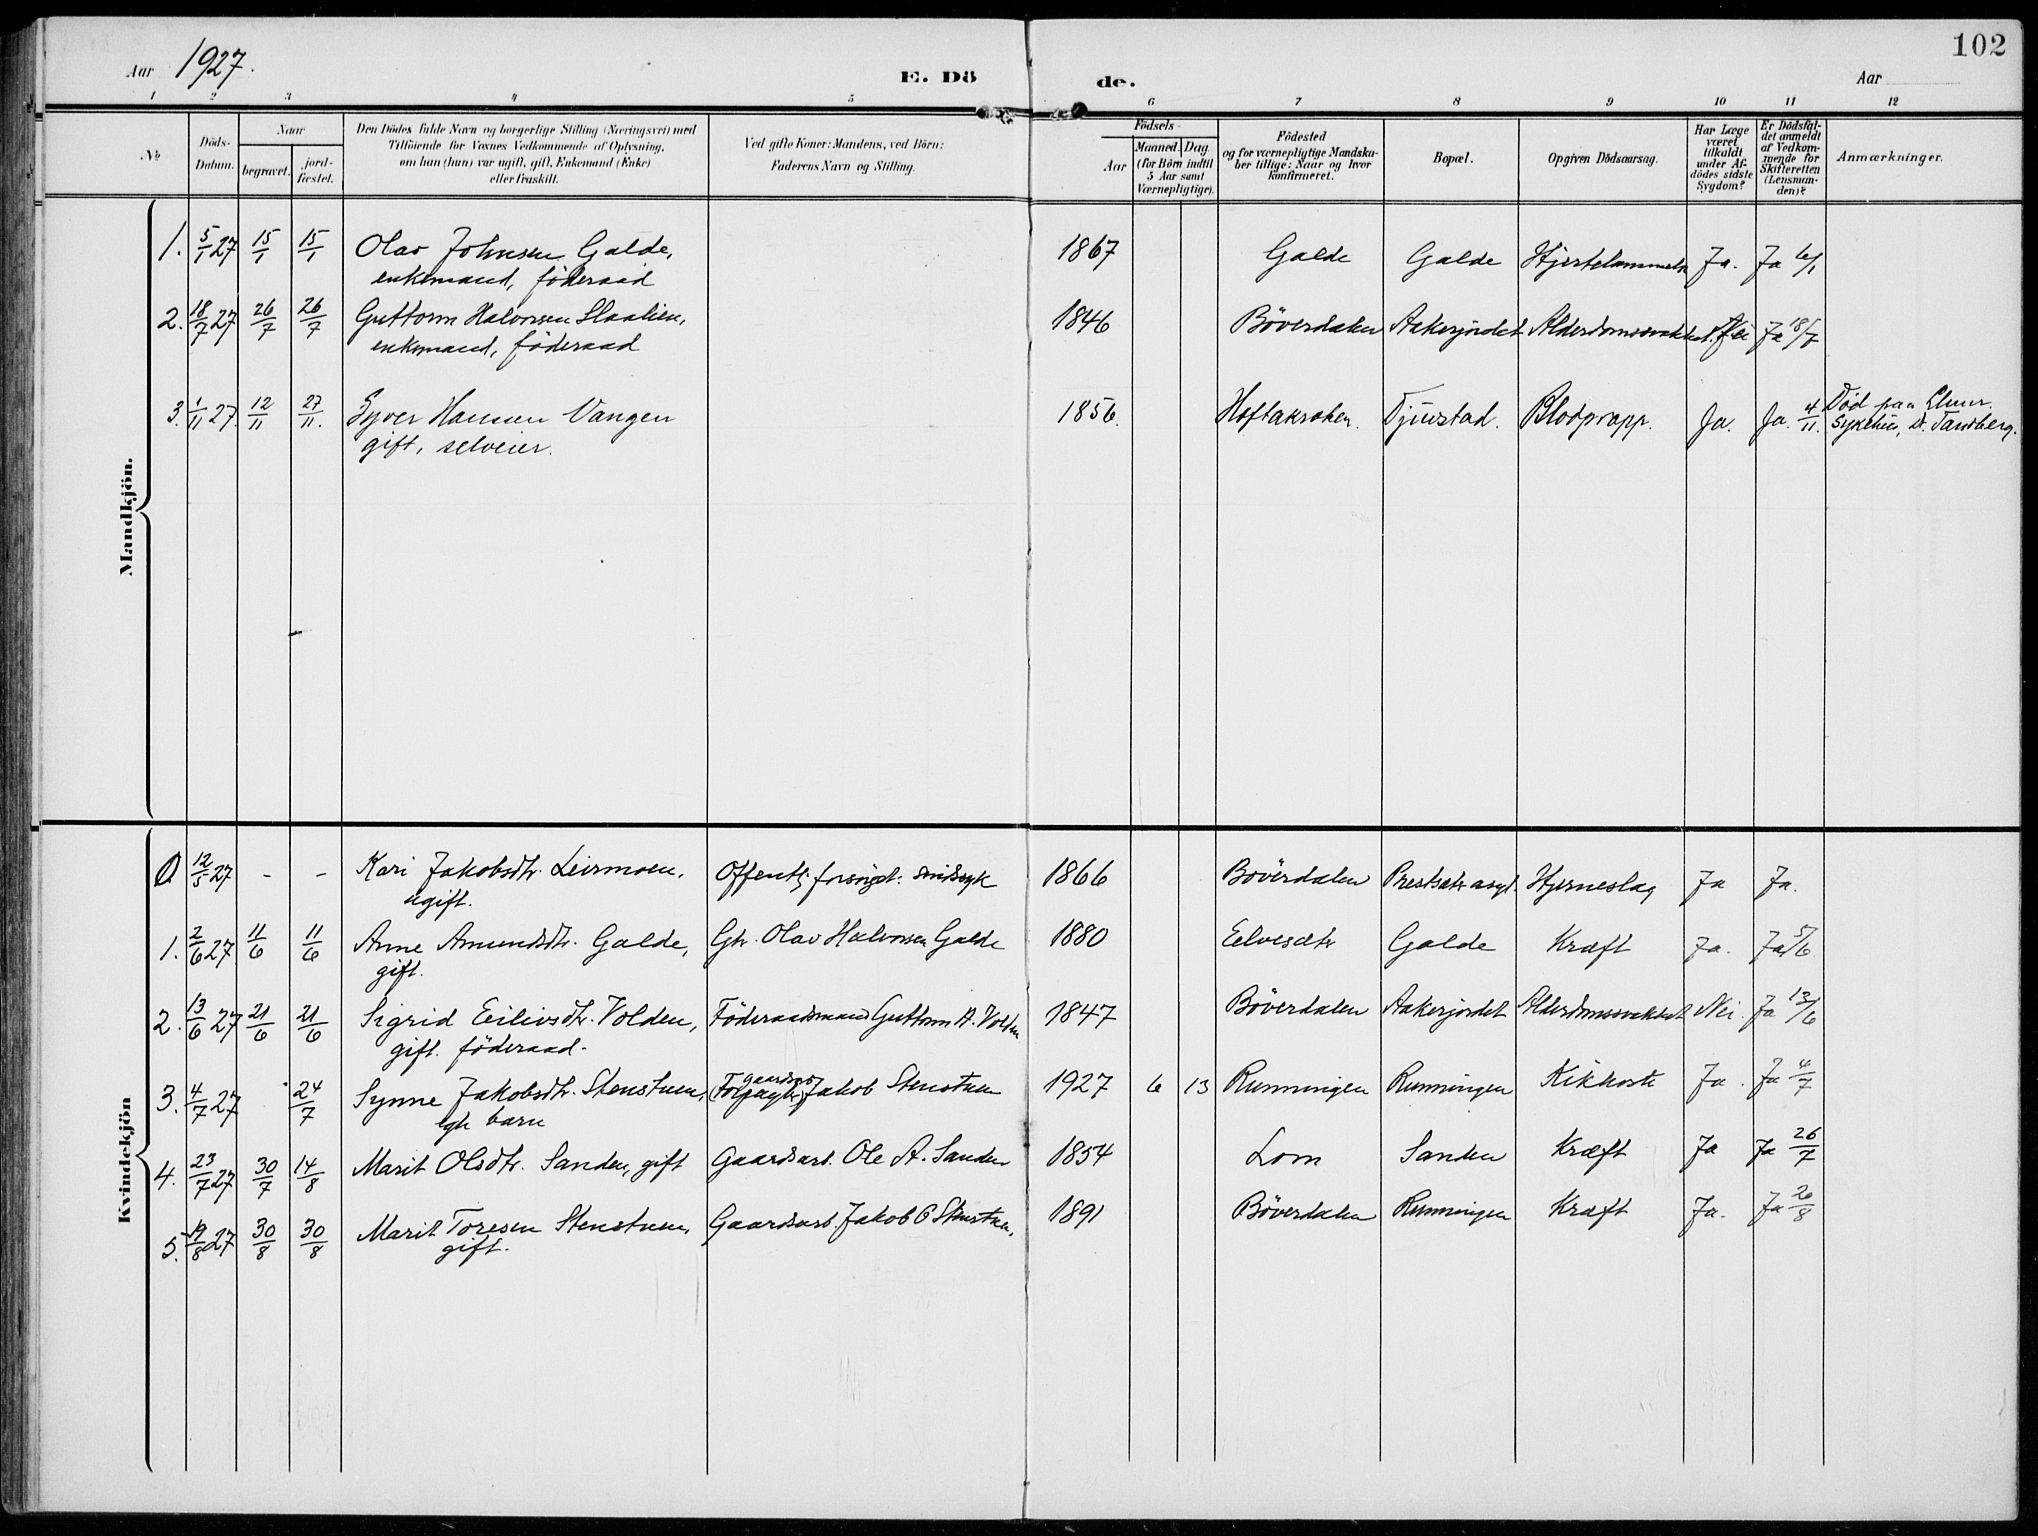 SAH, Lom prestekontor, L/L0007: Klokkerbok nr. 7, 1904-1938, s. 102